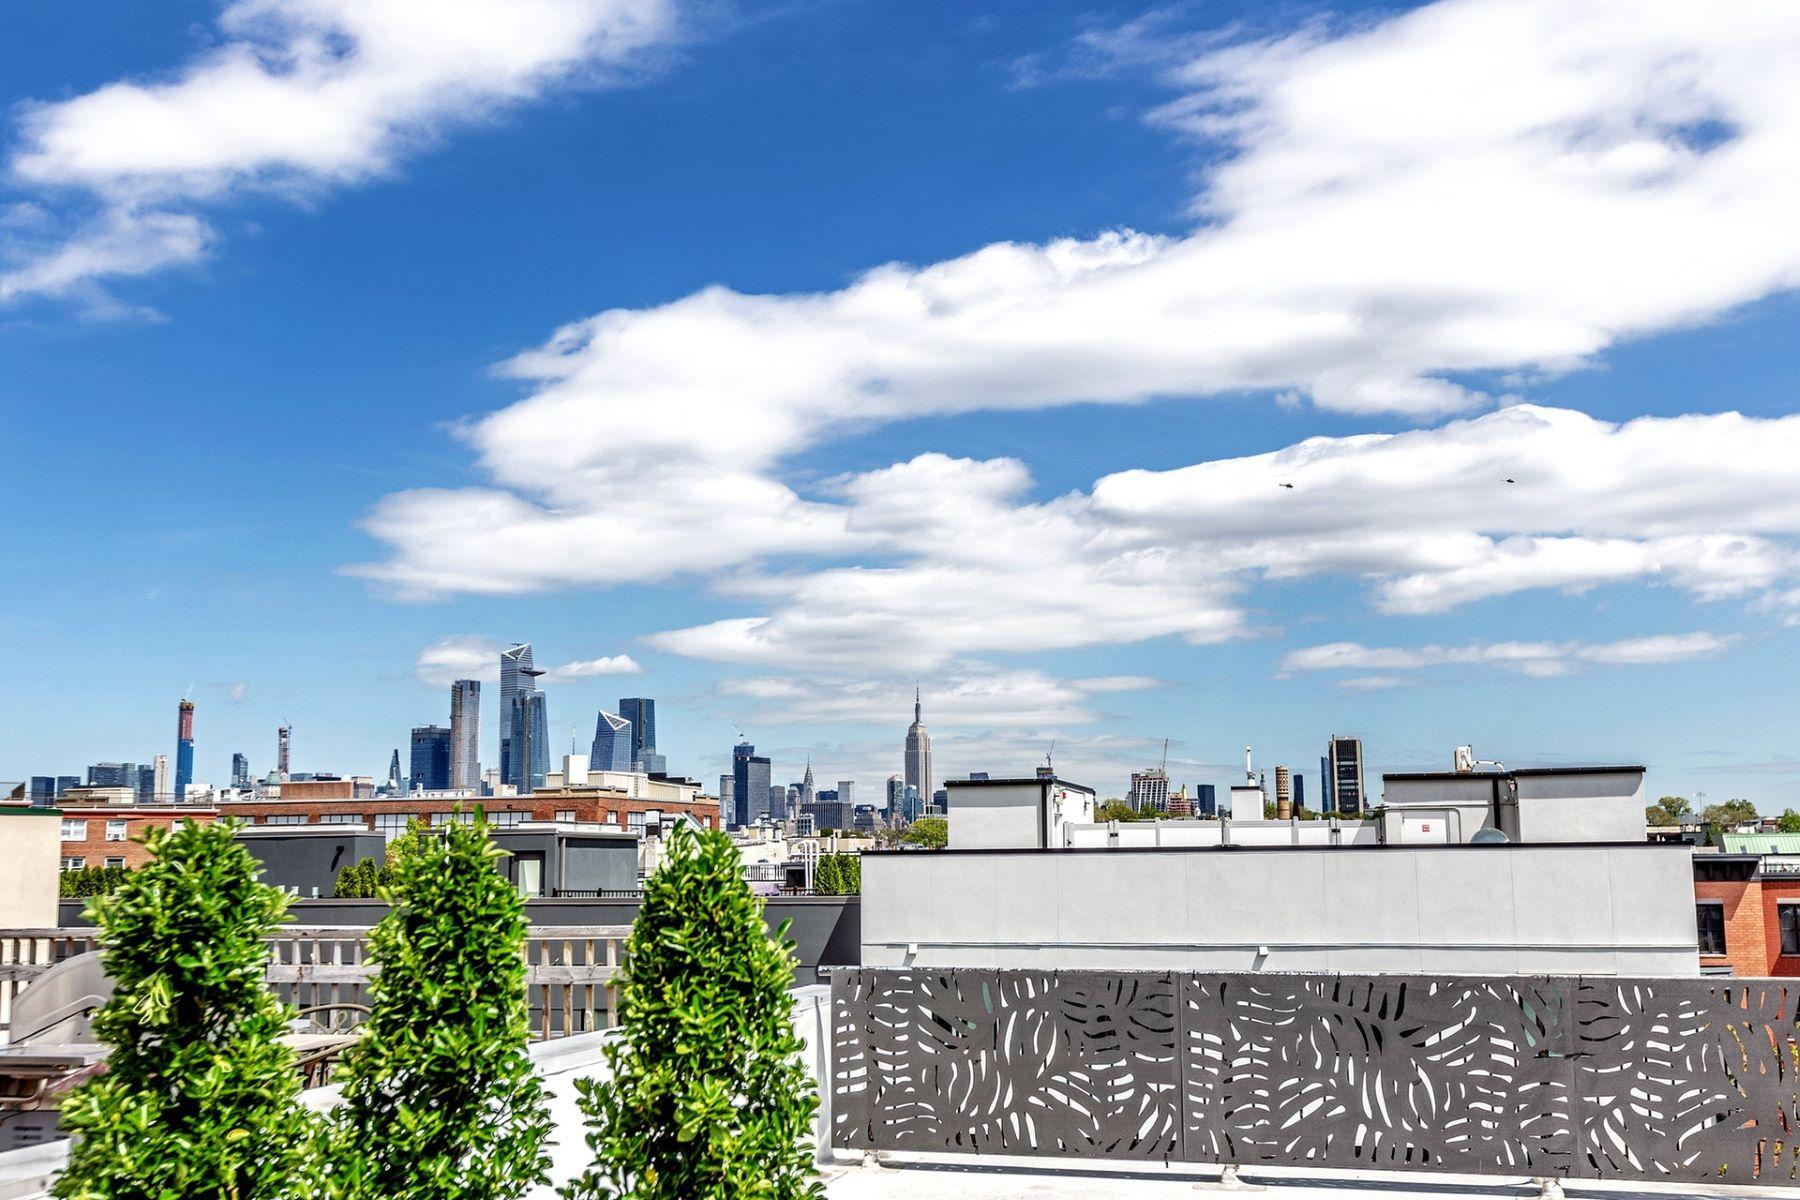 Condominiums 为 销售 在 Penthouse 2BR + Rooftop Patio! 717 Madison Street #5S, 霍博肯, 新泽西州 07030 美国